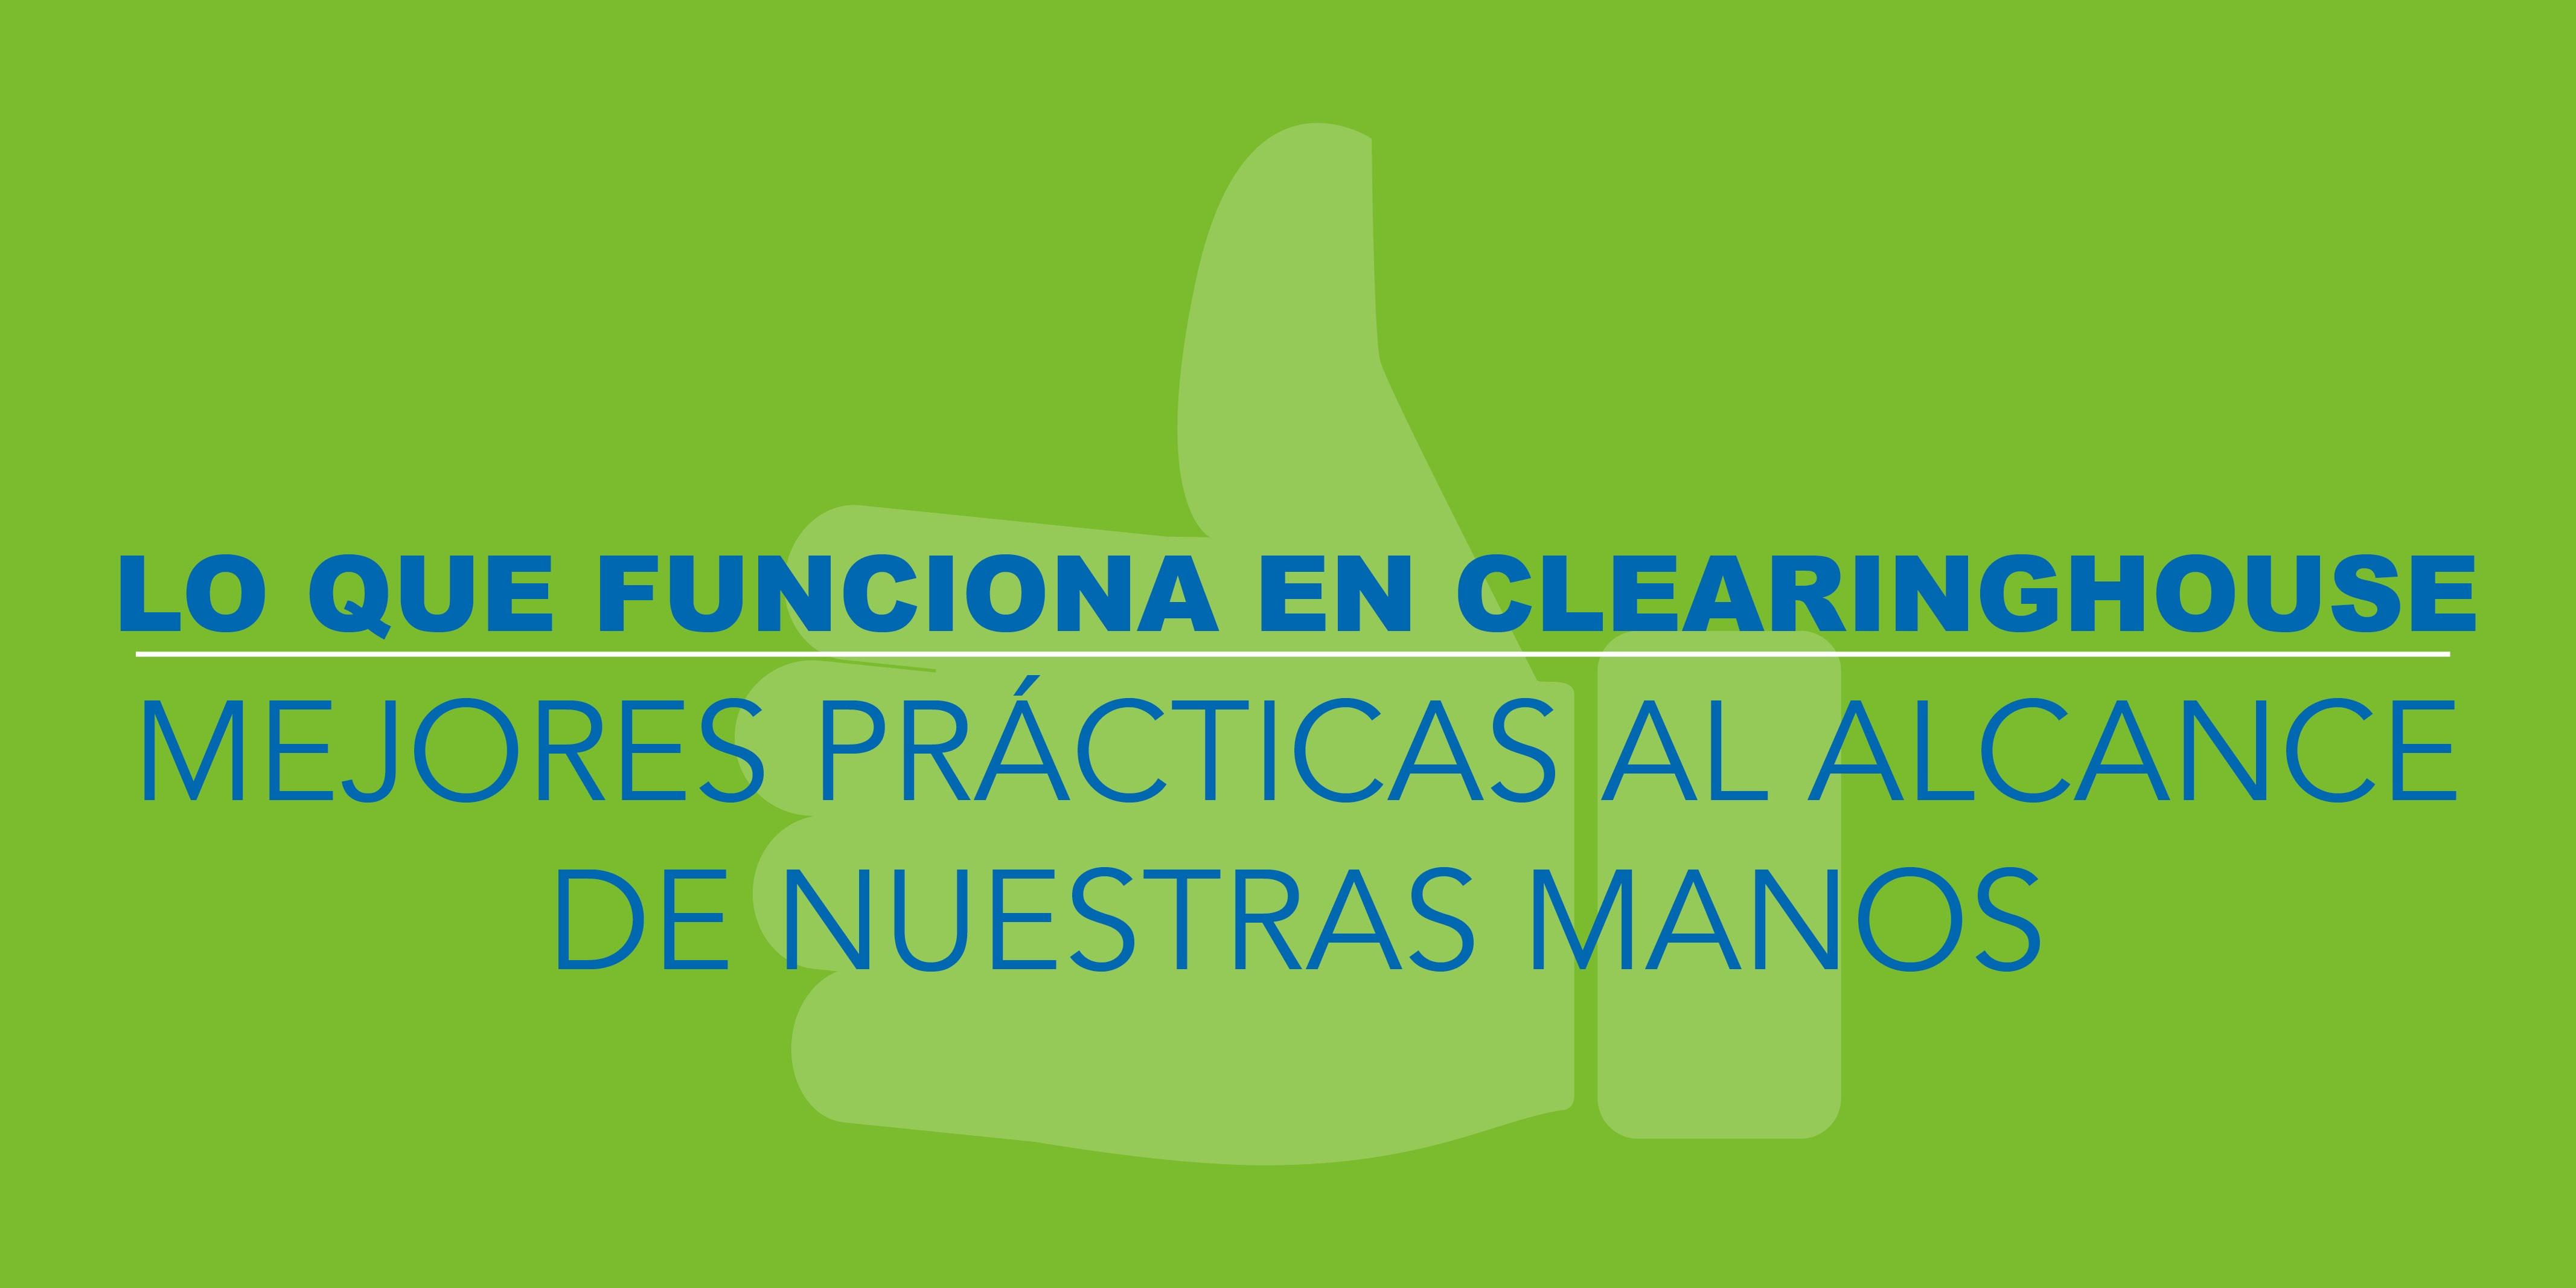 Lo que Funciona en Clearinghouse: Mejores Prácticas al Alcance de Nuestras Manos